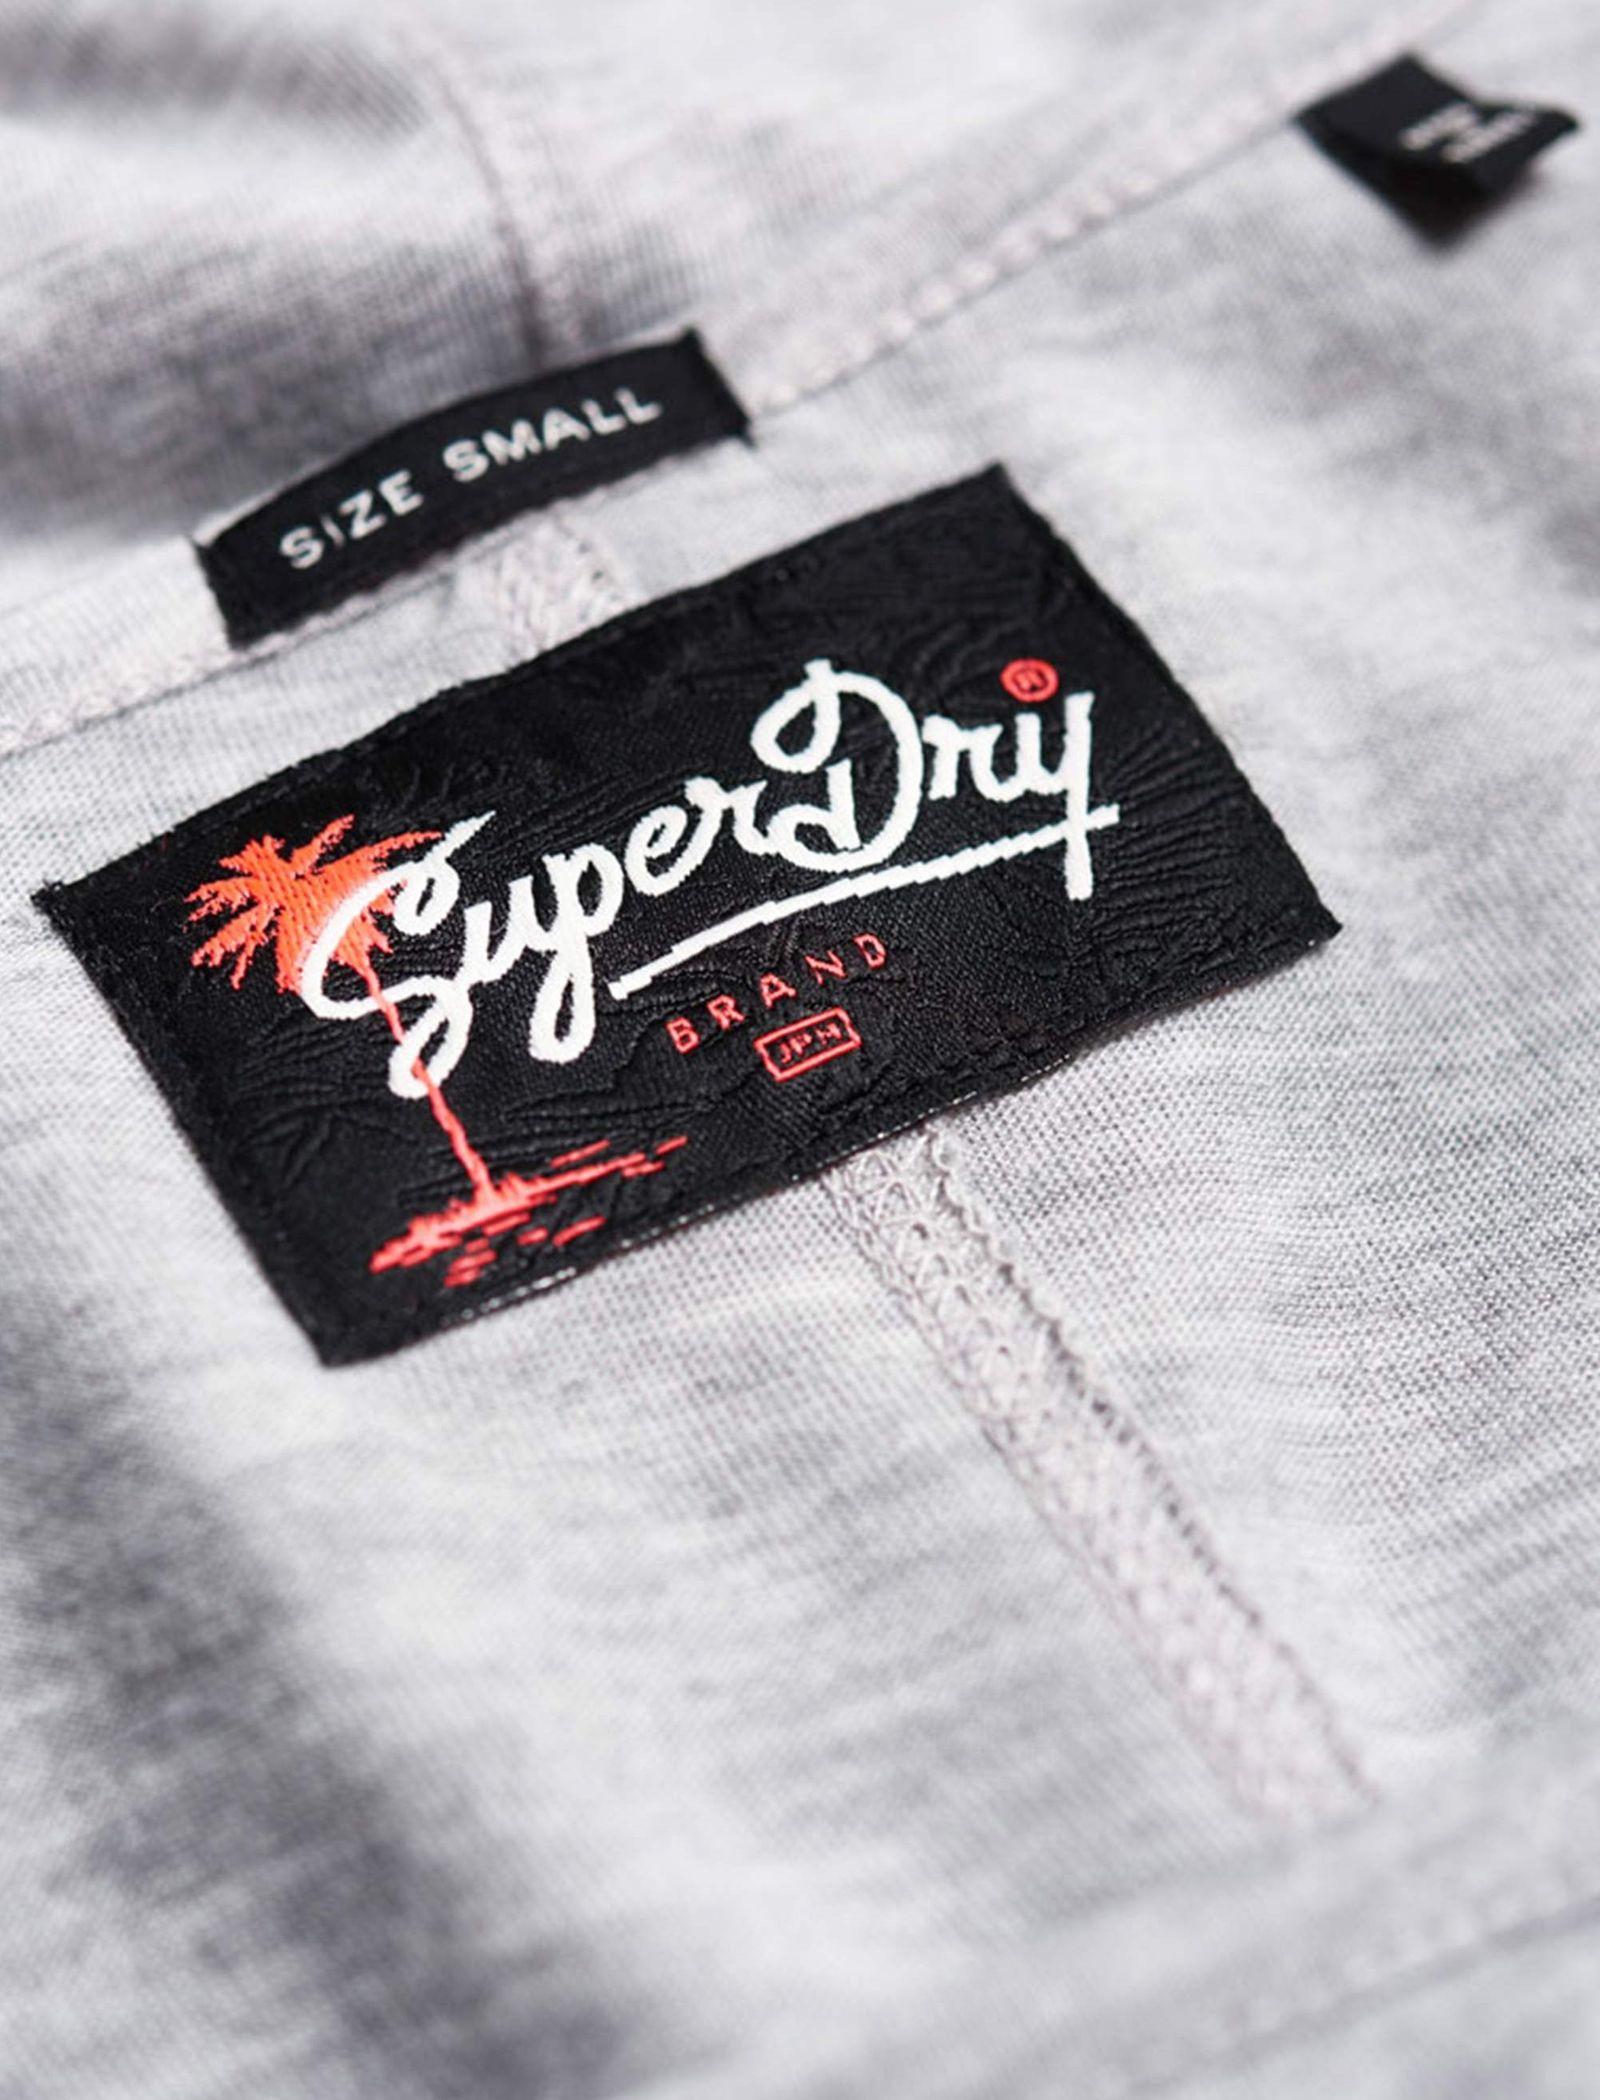 تی شرت یقه گرد زنانه Boxy Text - سوپردرای - طوسي روشن - 5